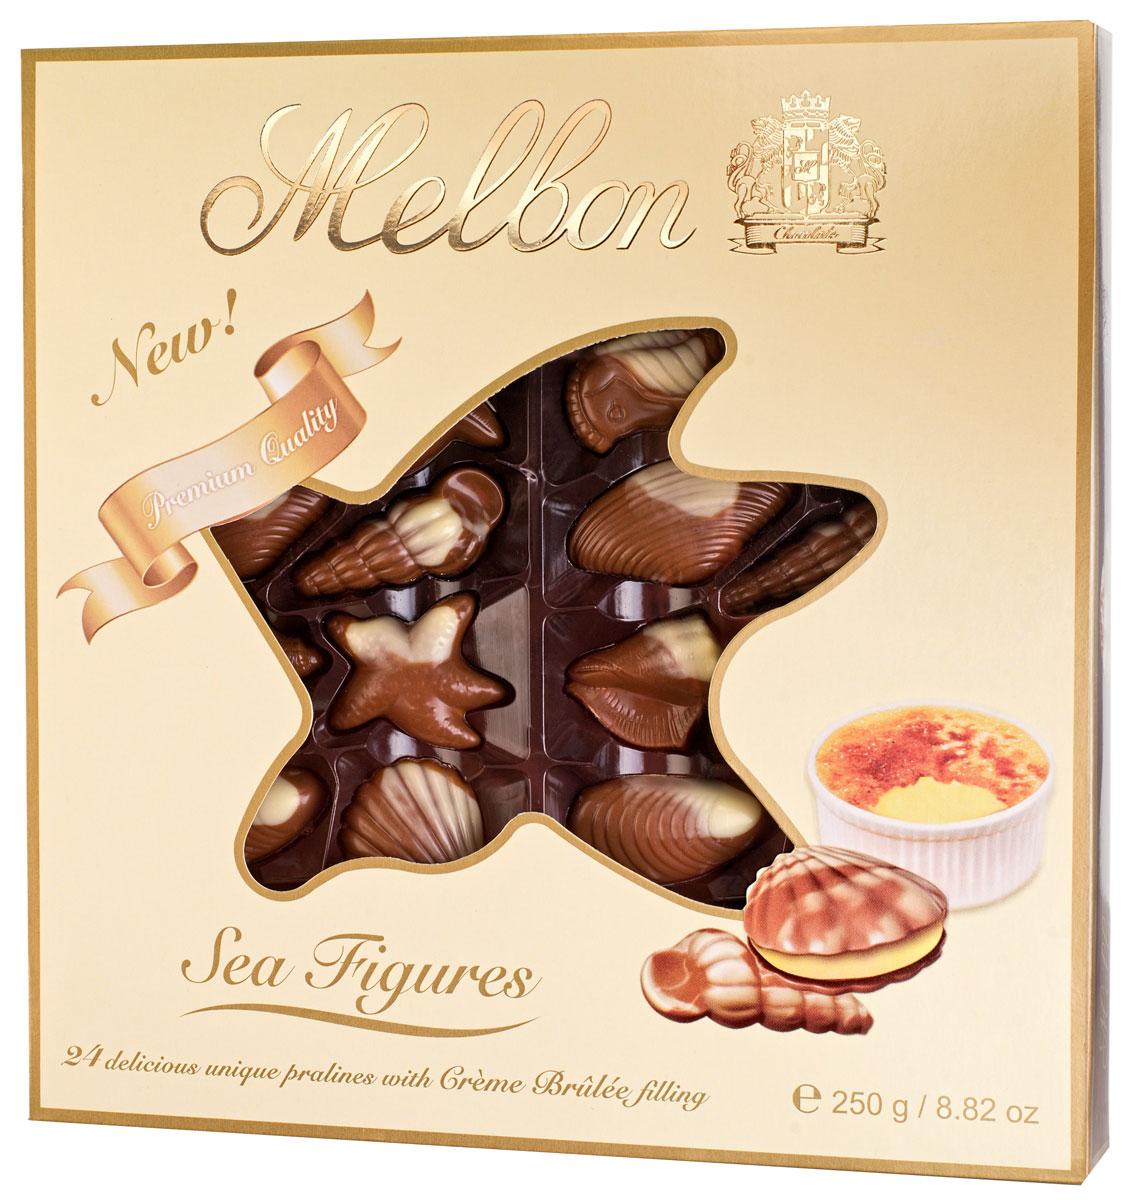 Melbon Морские фигуры конфеты из молочного и белого шоколада с начинкой крем-брюле, 250 г3800104701882